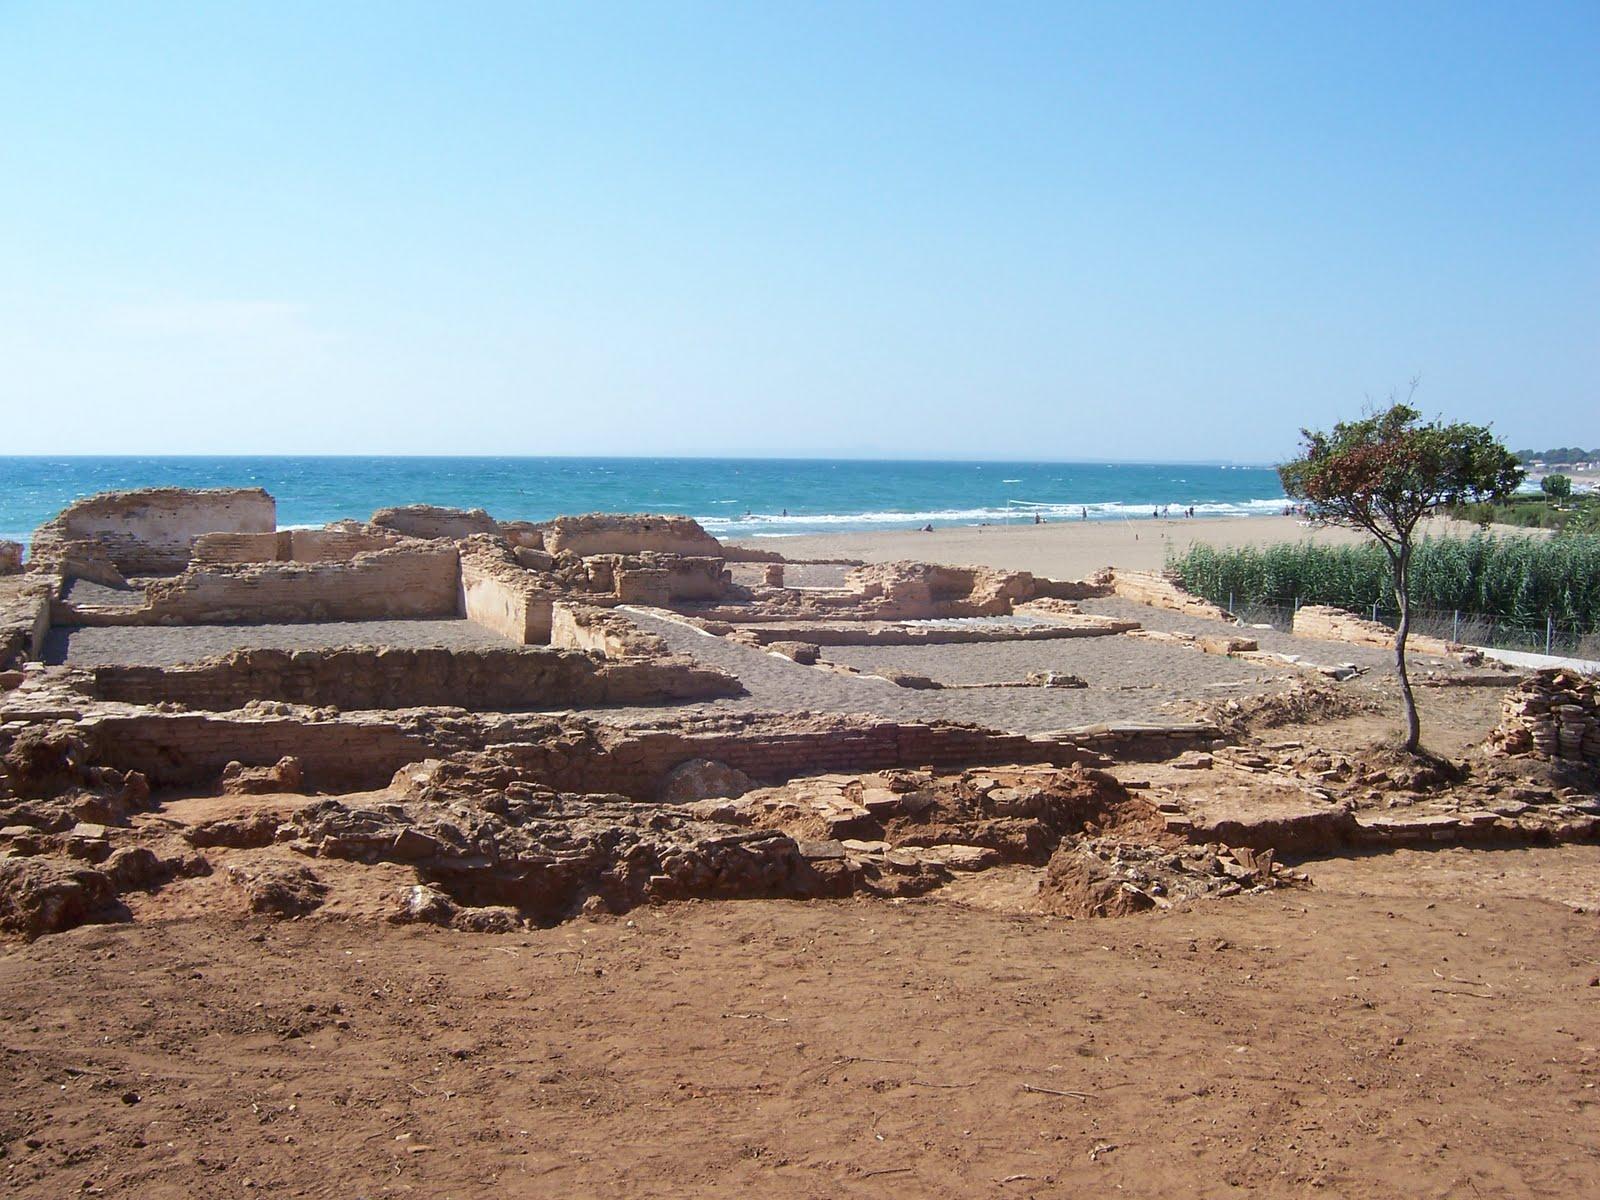 Ρωμαϊκά Λουτρά Φειάς, Σκαφιδιά., Πύργος